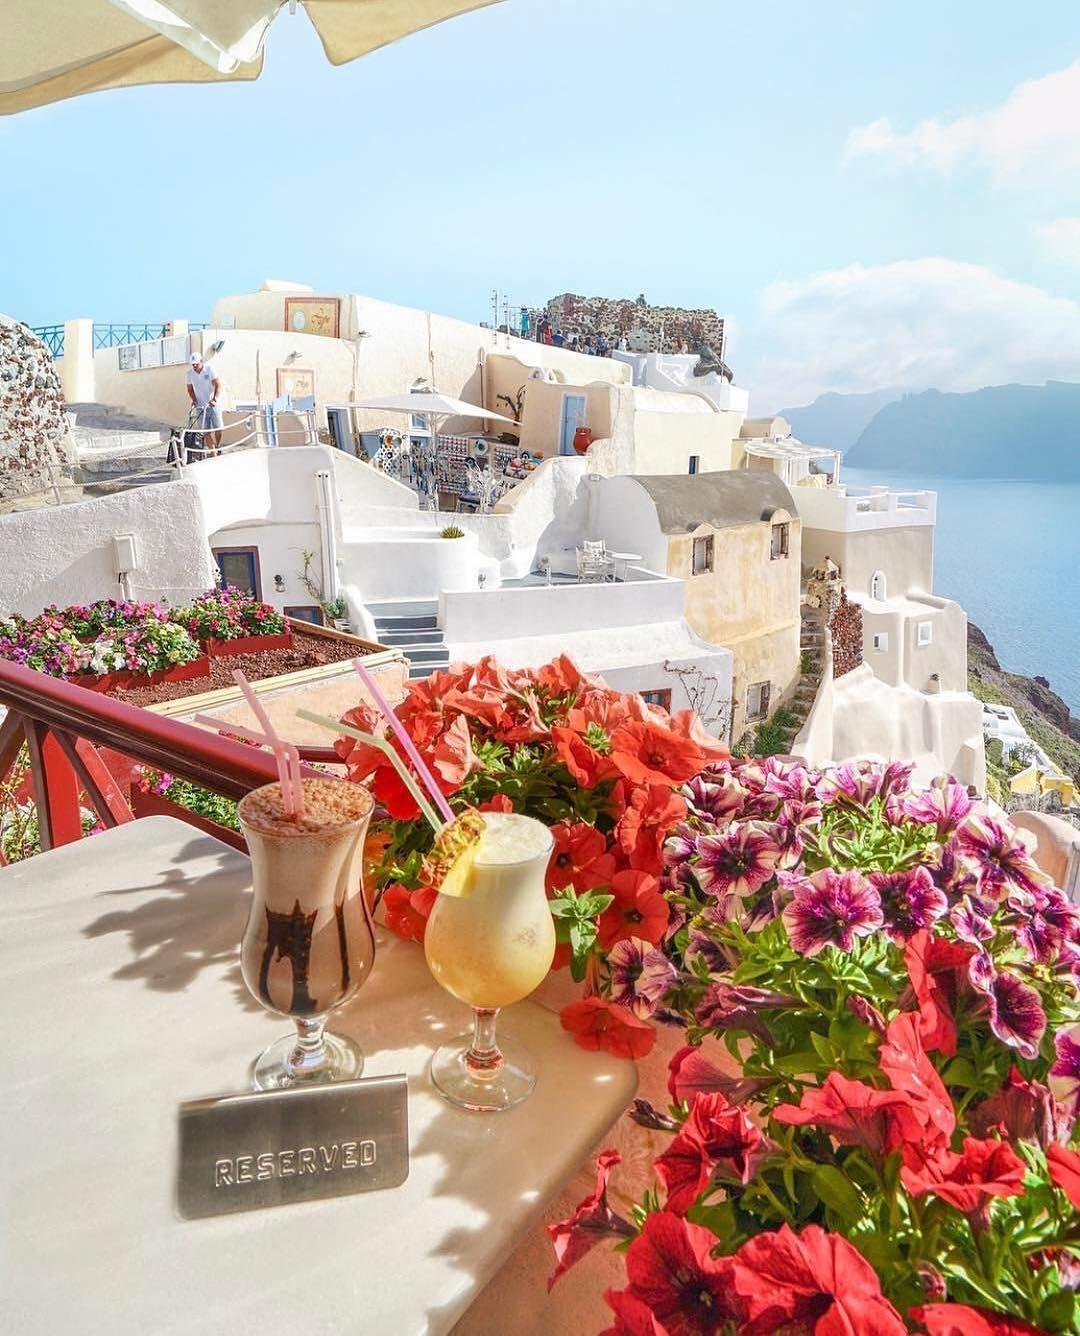 صباح الخير جزيرة سانتوريني اليونان Santorini Greece By Michutravel Wonderful Places Greece Pictures Santorini Greece